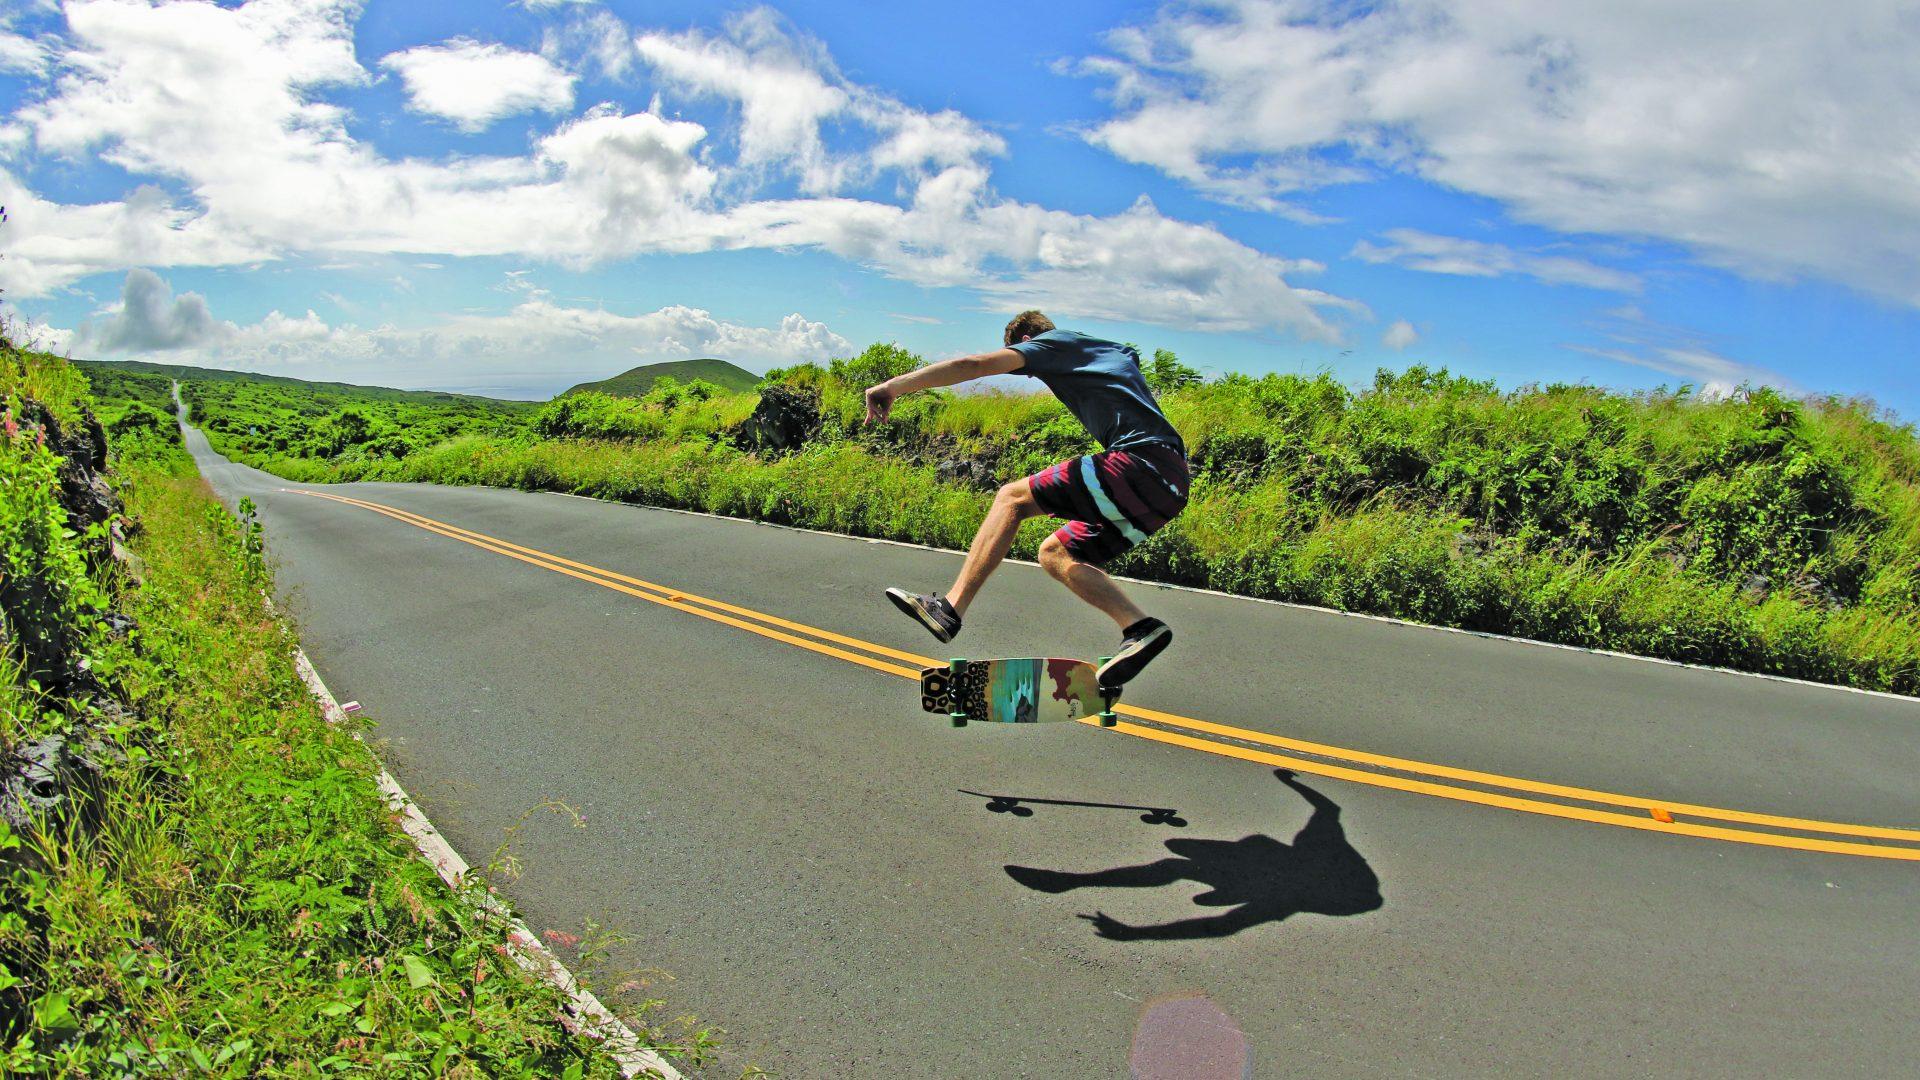 JUCKER_HAWAII_Lukas 360 flip